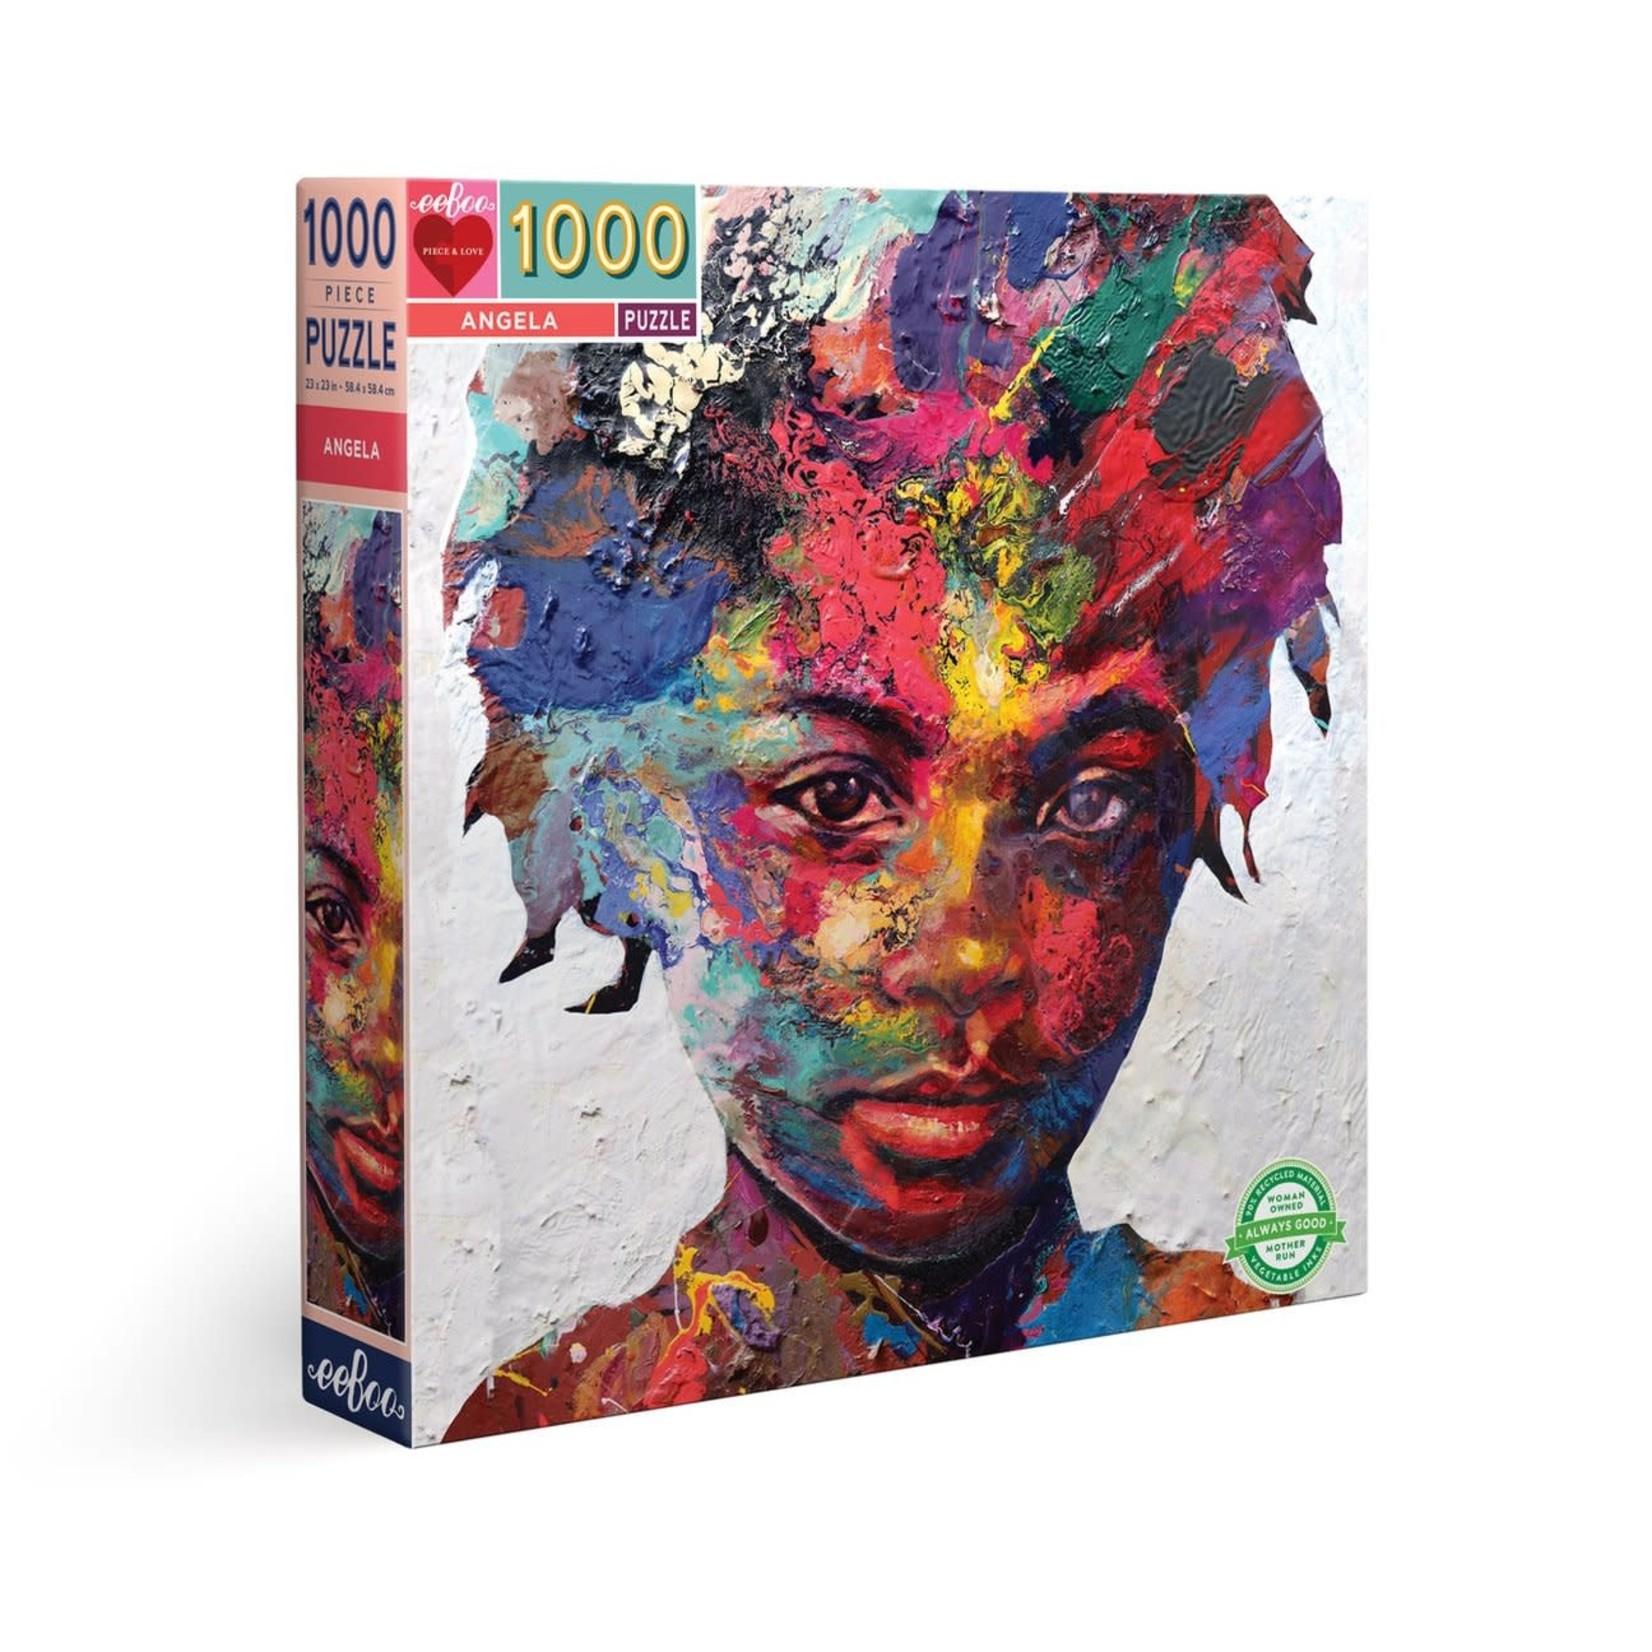 eeBoo eeBoo Puzzle: Angela 1000 pc